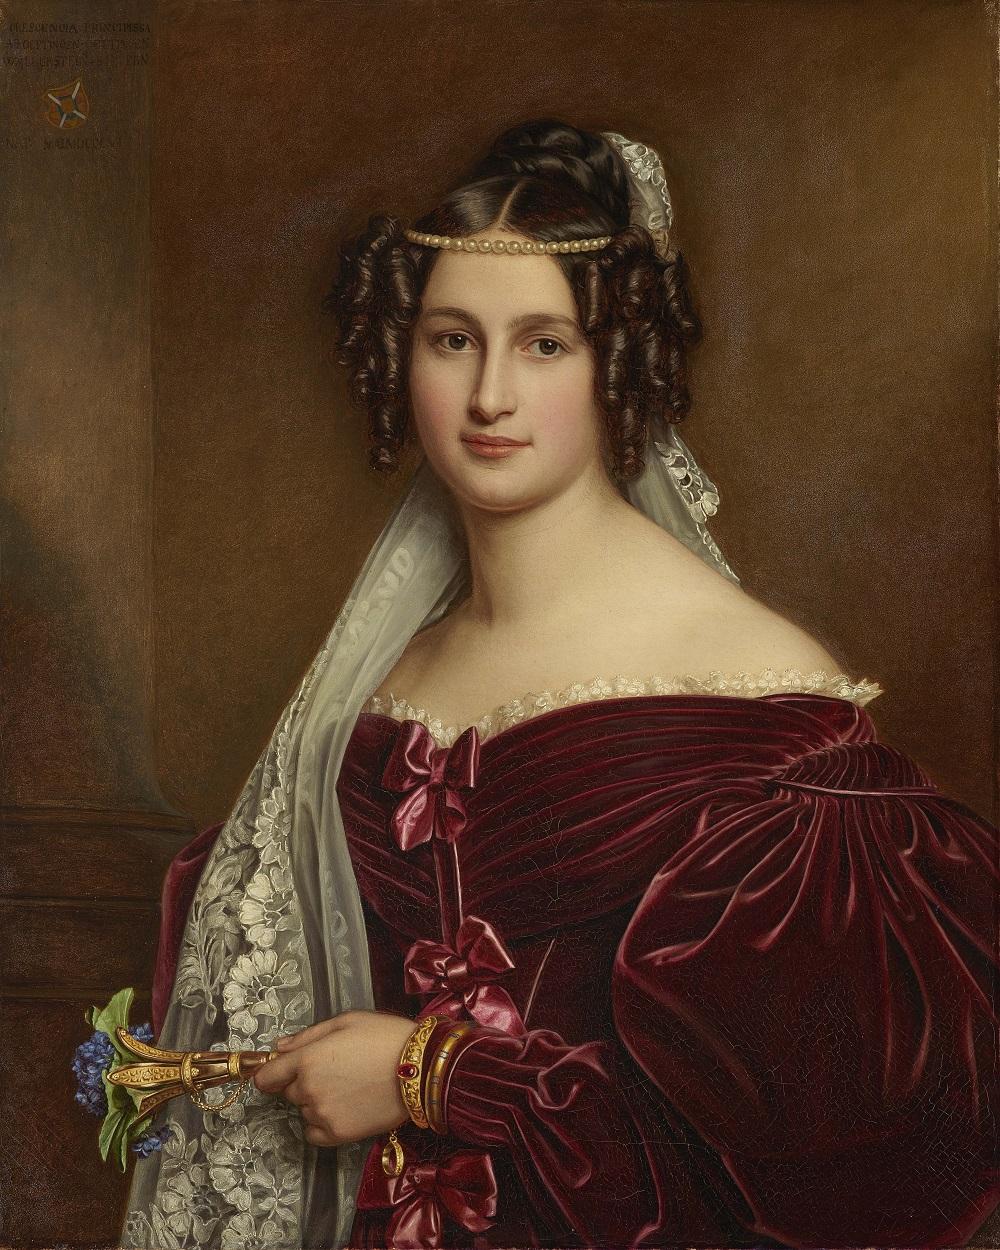 Crescentia Fürstin von Oettingen-Oettingen und Wallerstein, 1836.Jpeg